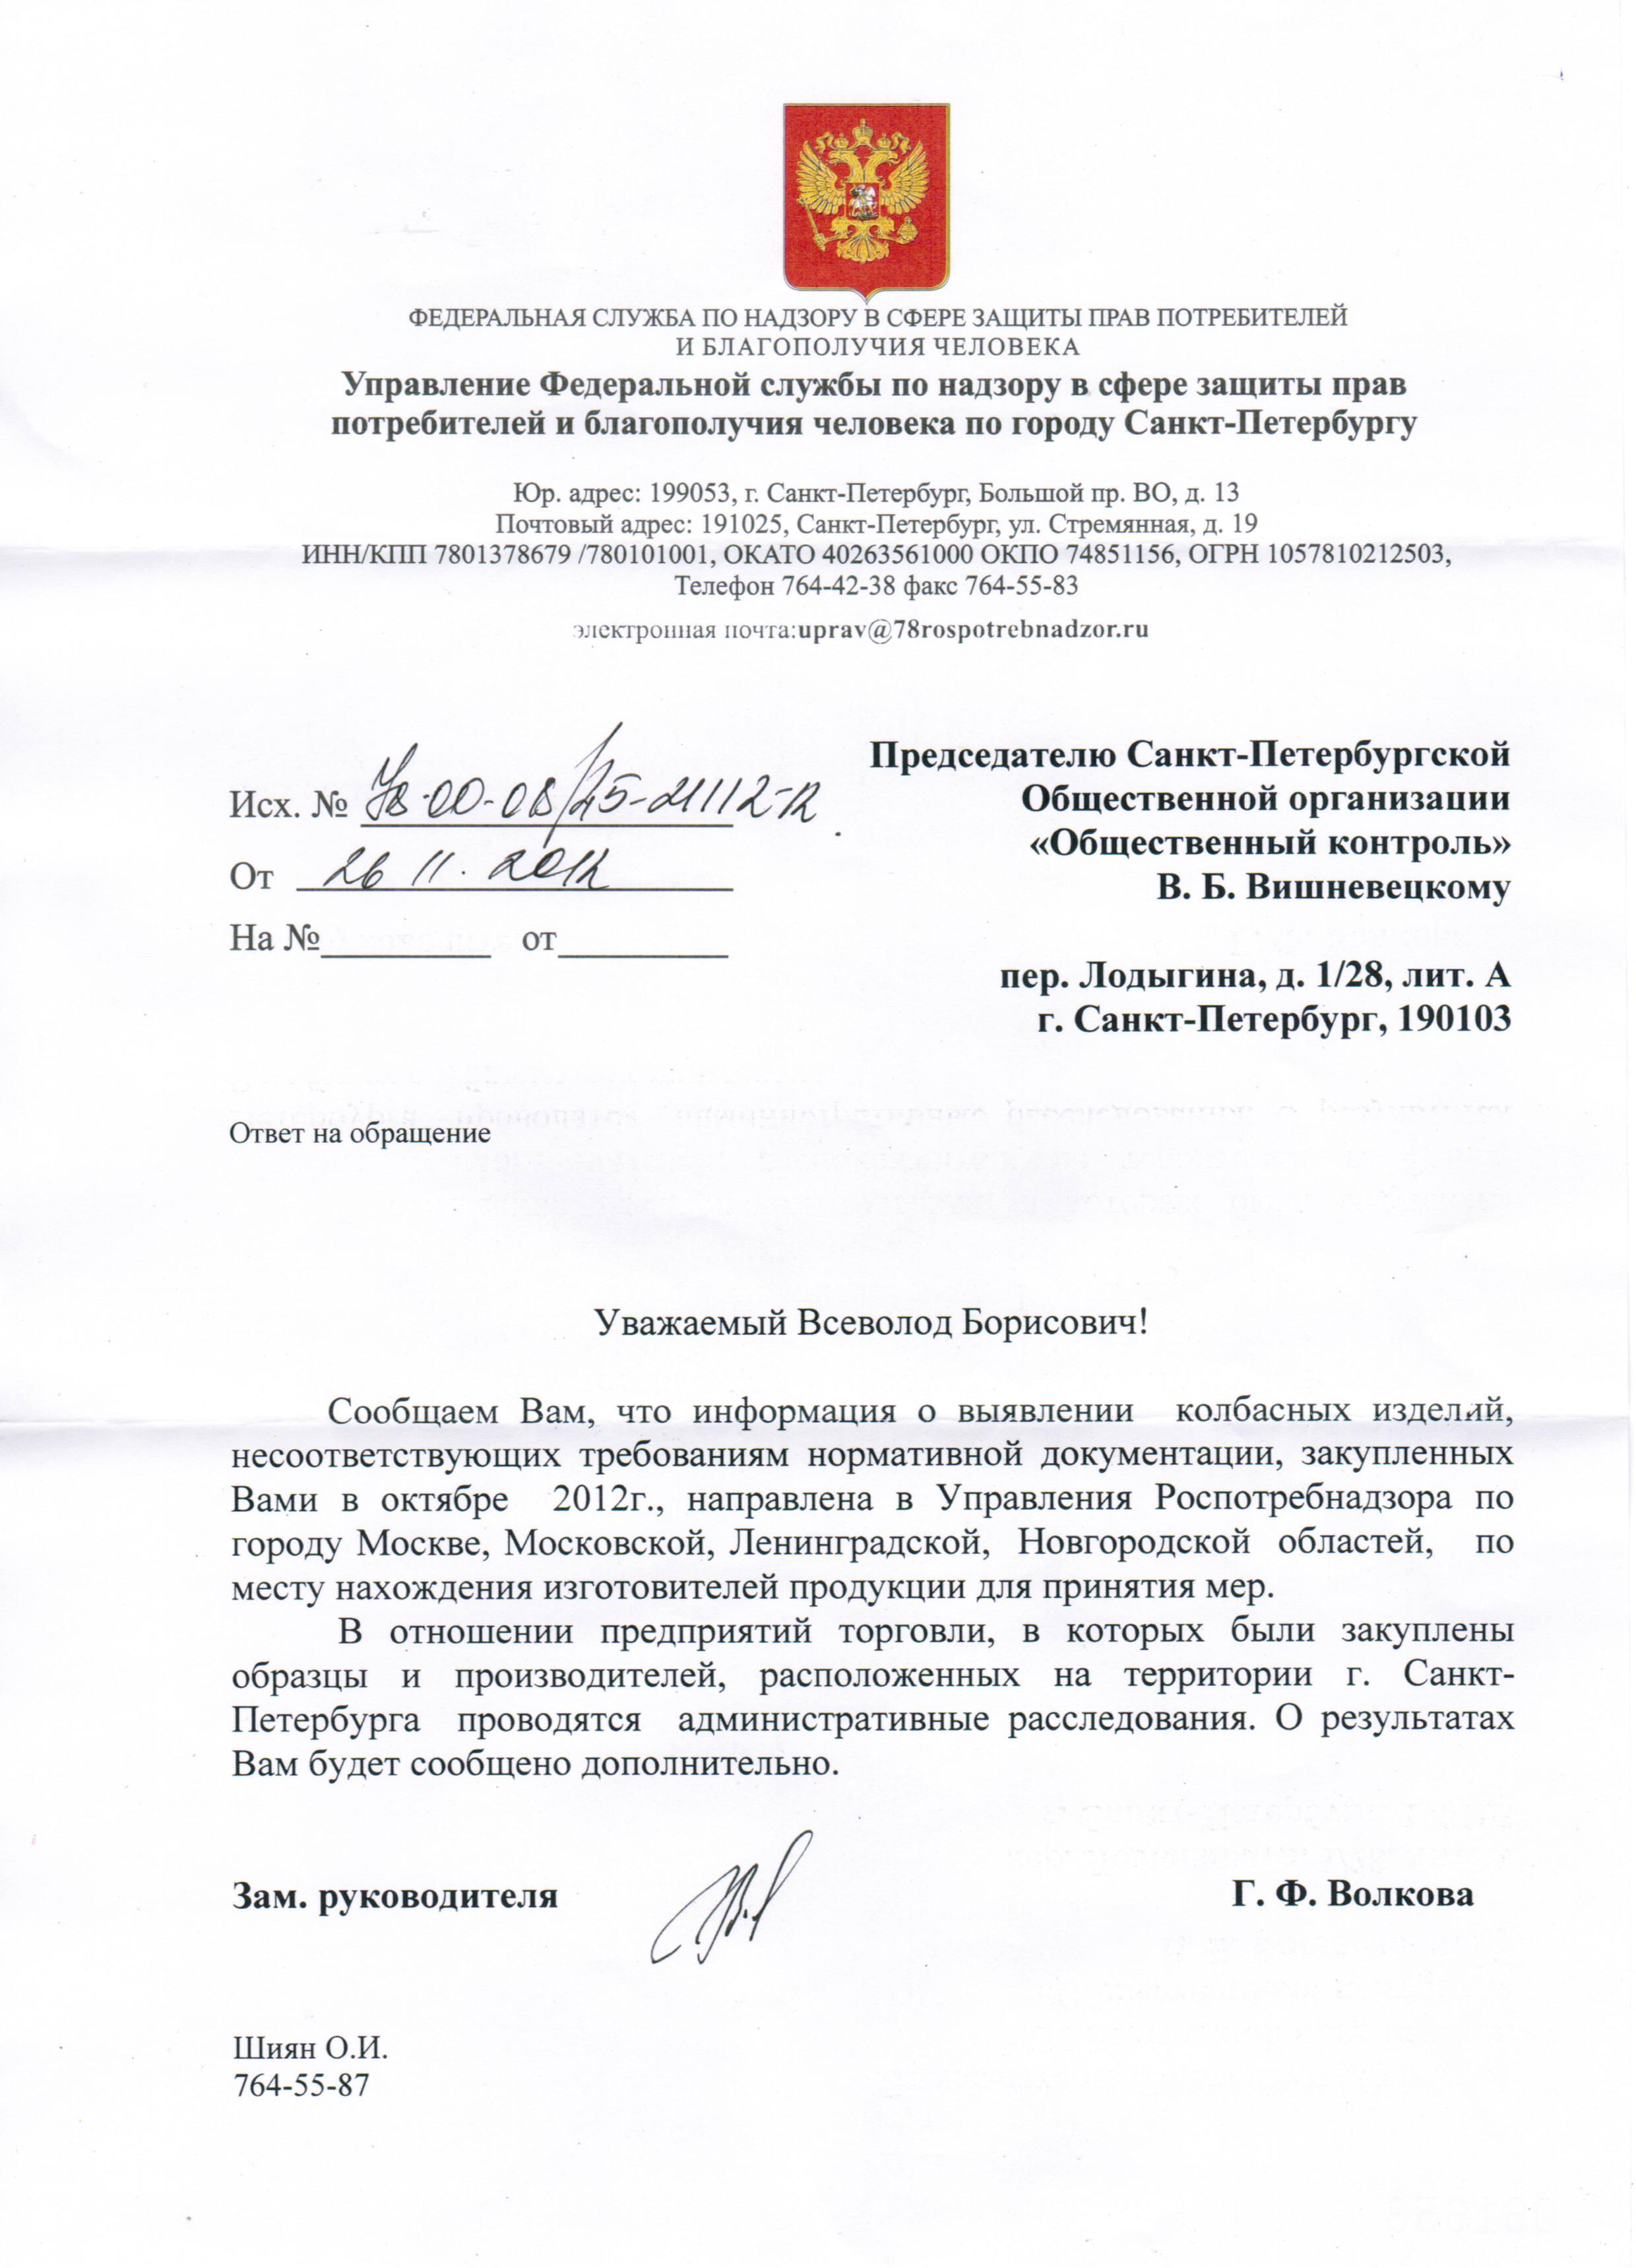 О проведении административного расследования по факту производства и реализации колбасных изделий